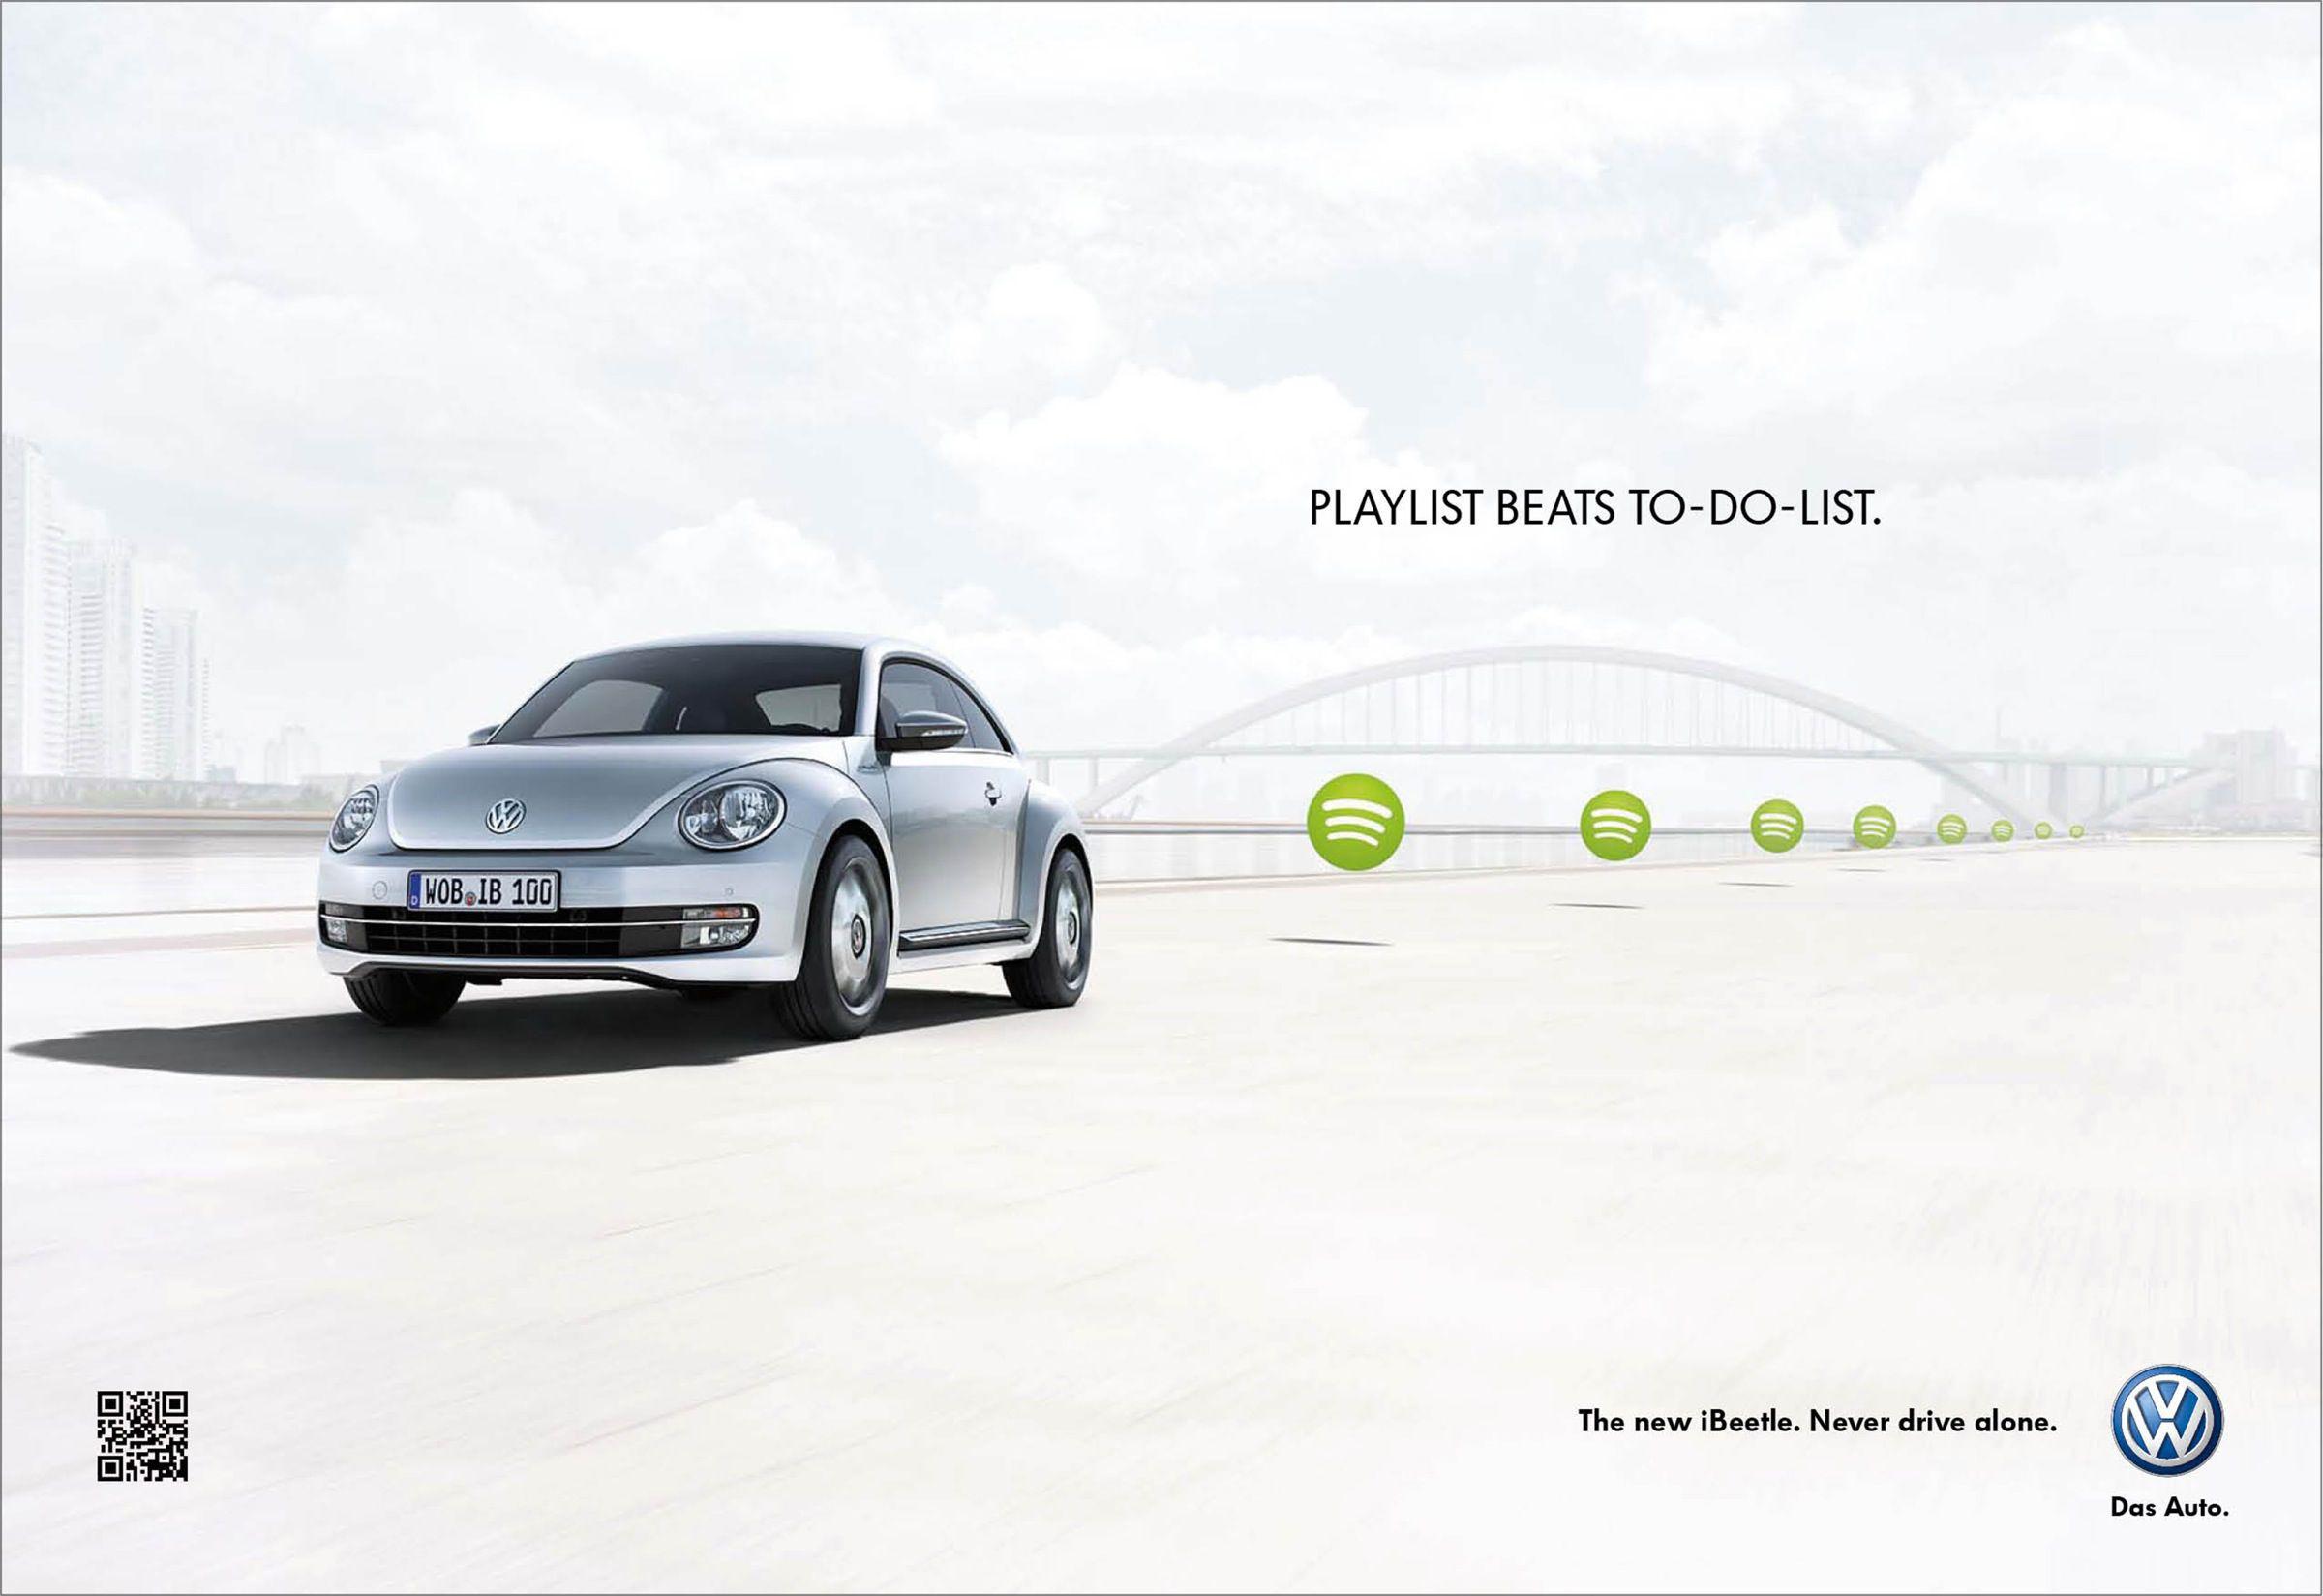 volkswagen new beetle imusic Volkswagen plezier Pinterest